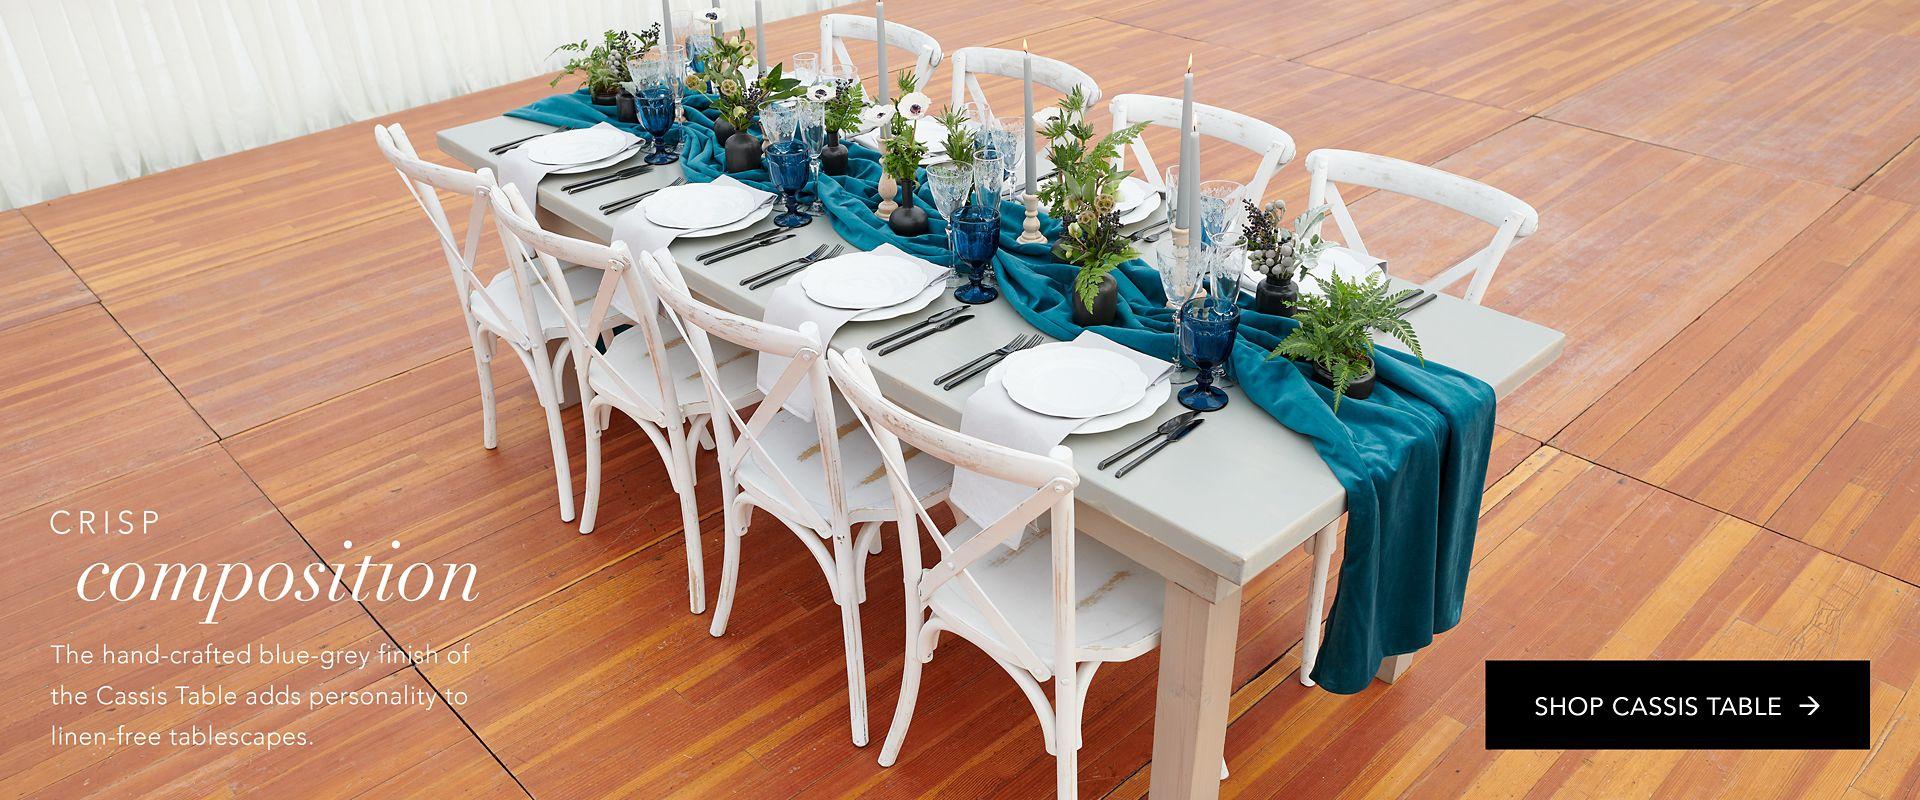 Shop Party Rental Ltd. Cassis Table